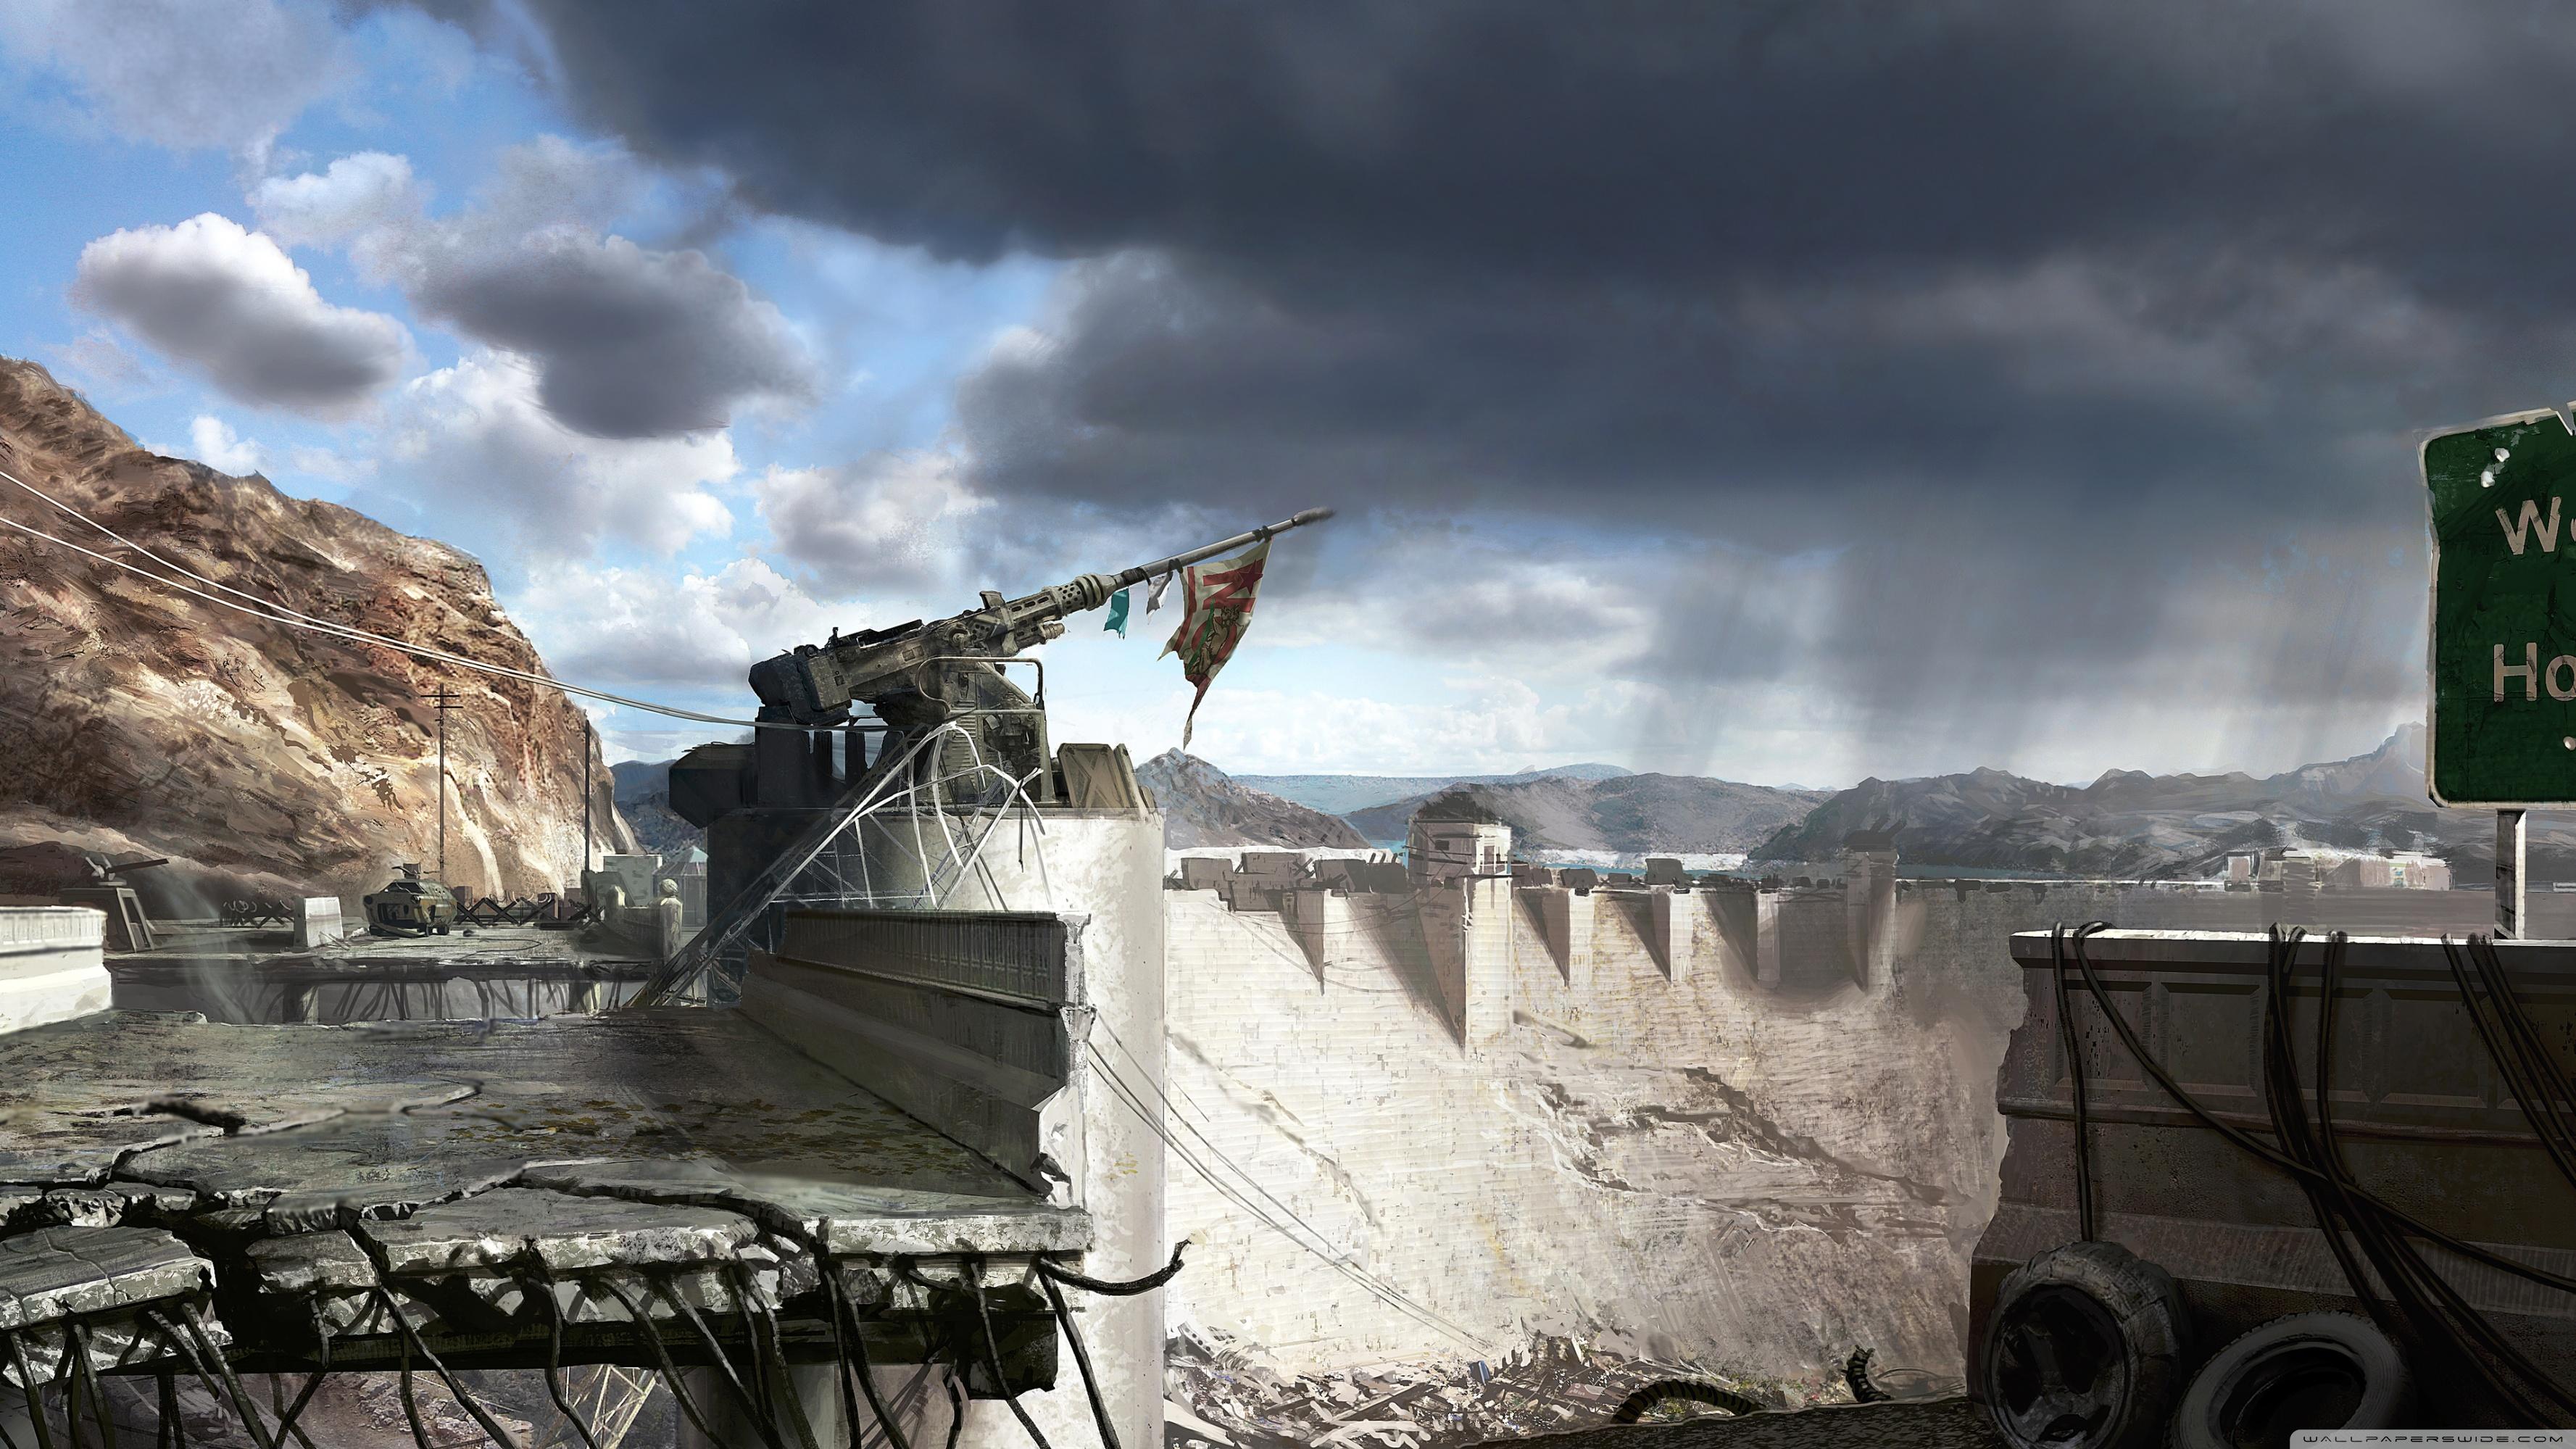 Fallout New Vegas Hoover Dam Concept Art 4K HD Desktop 3554x1999